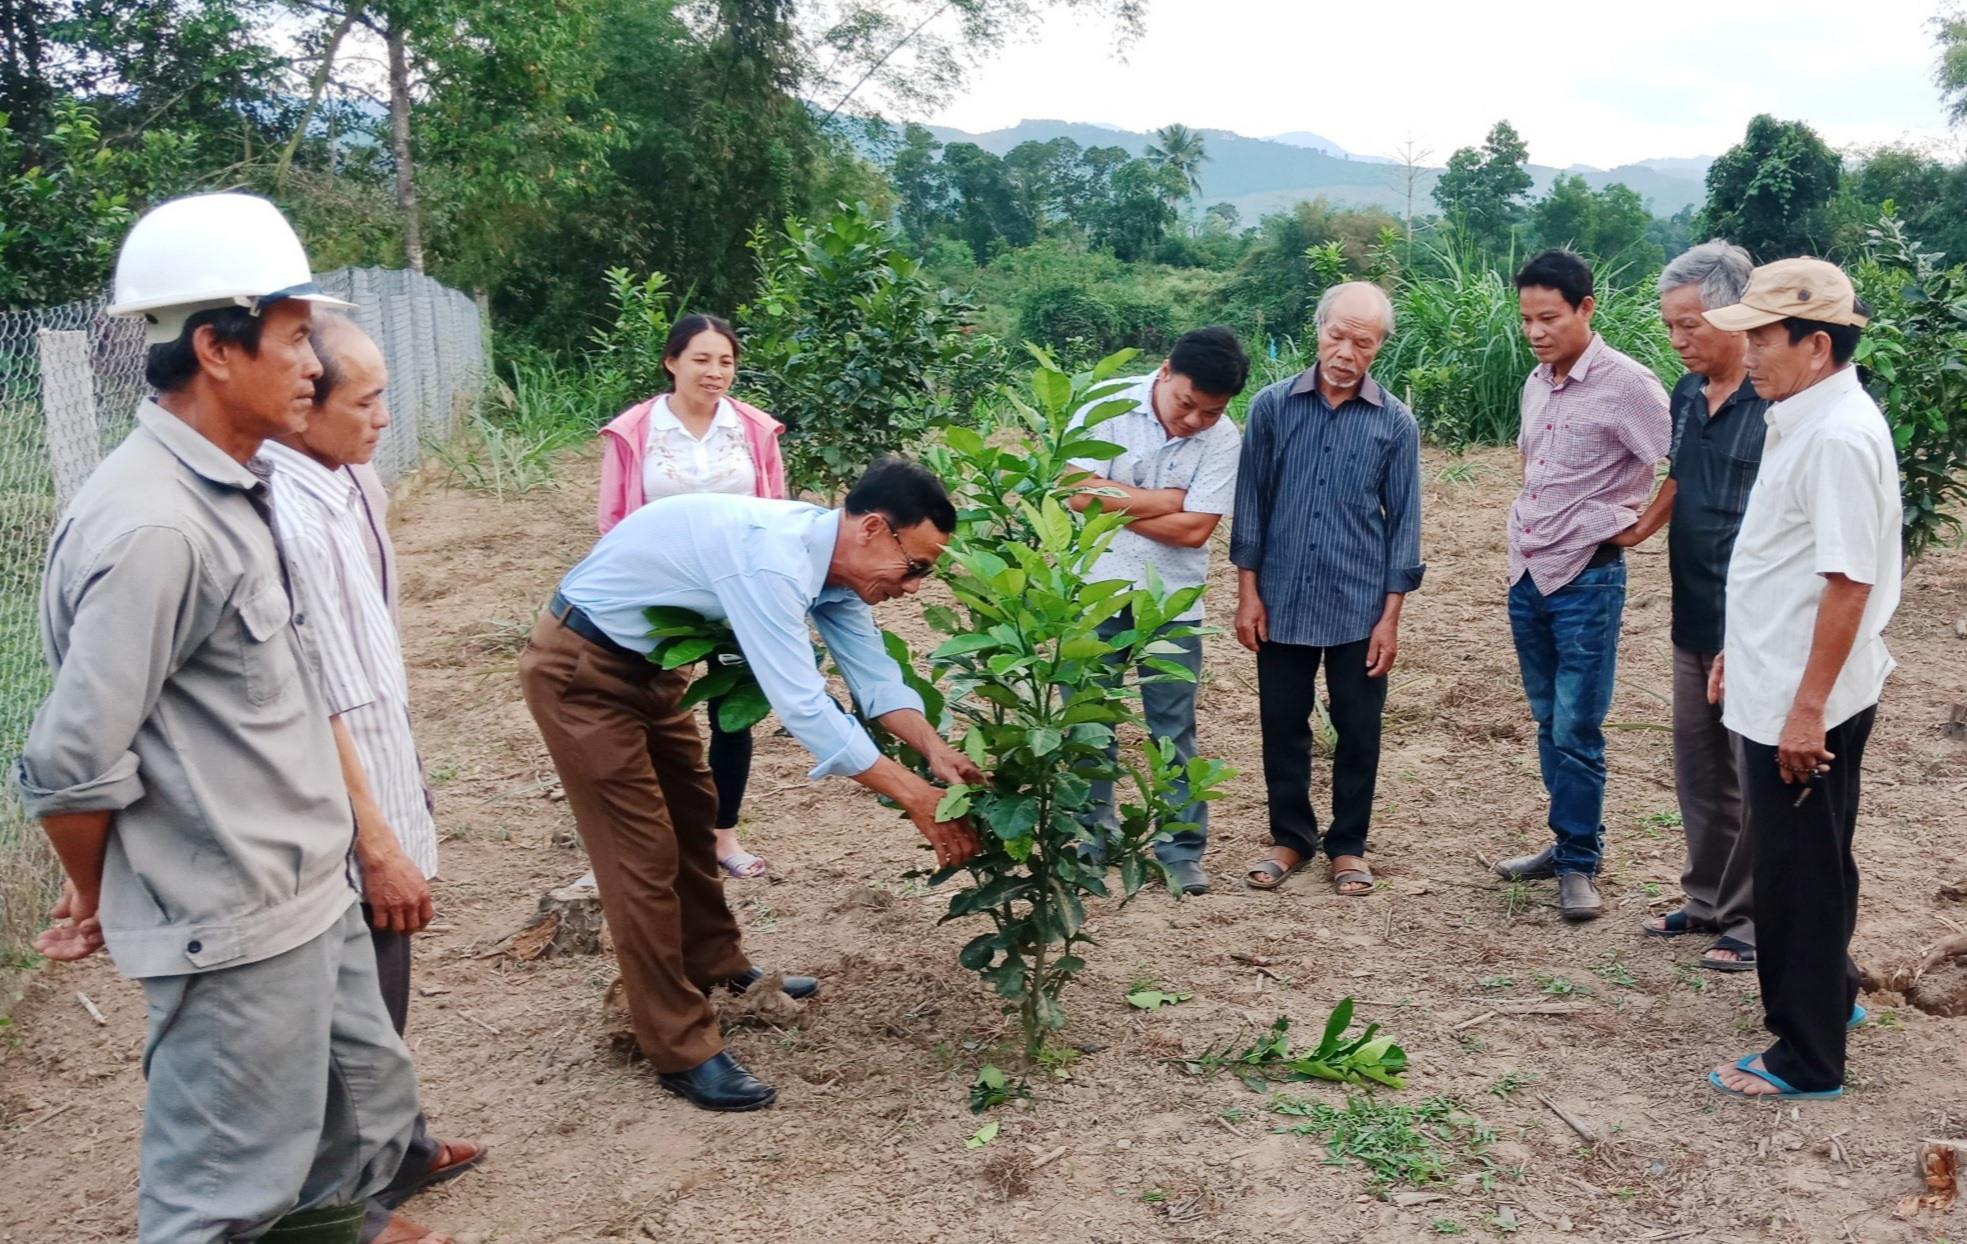 Ngành chuyên môn của huyện Nông Sơn thường xuyên hướng dẫn người dân kỹ thuật trồng, chăm sóc và phòng trừ dịch hại cho vườn cây ăn quả. Ảnh: Đ.N